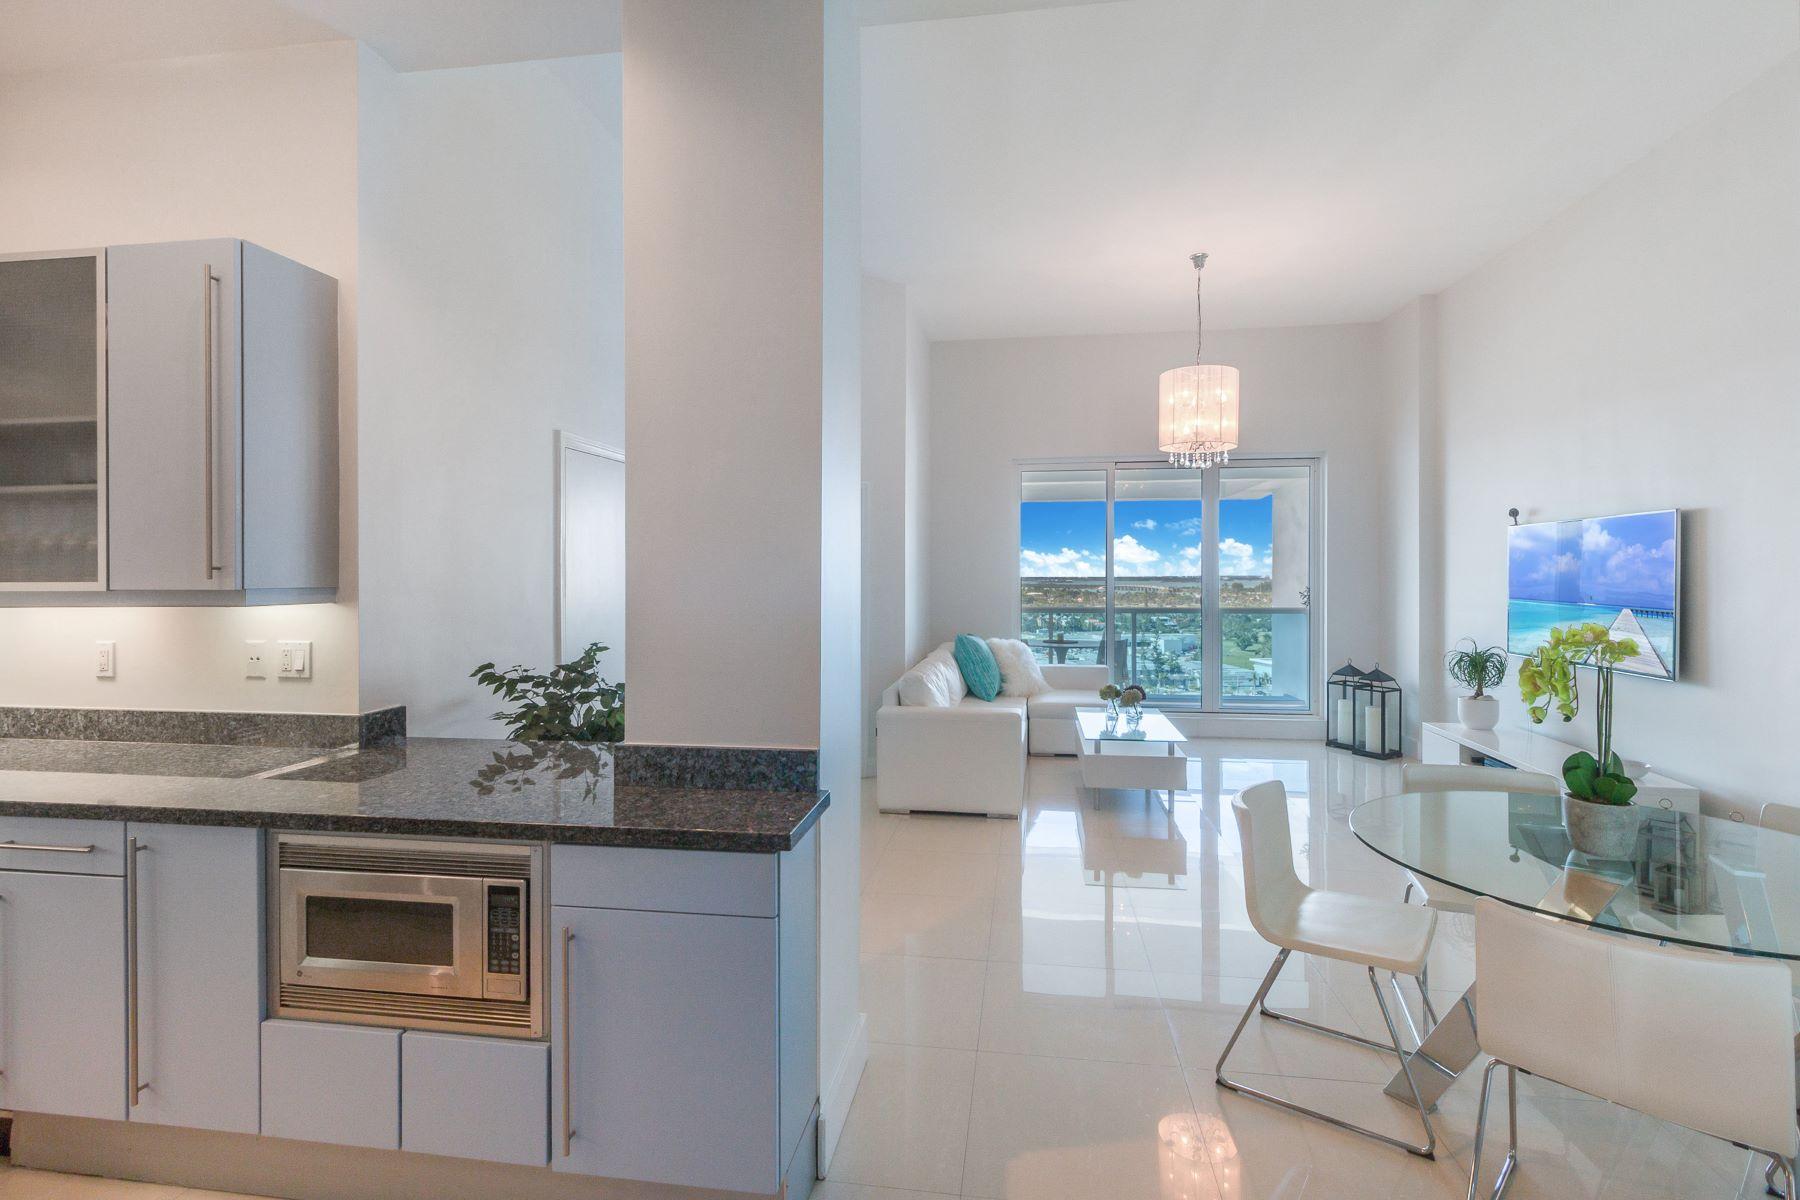 Кондоминиум для того Продажа на 2301 Collins Ave 2301 Collins Ave 1626, Miami Beach, Флорида, 33139 Соединенные Штаты